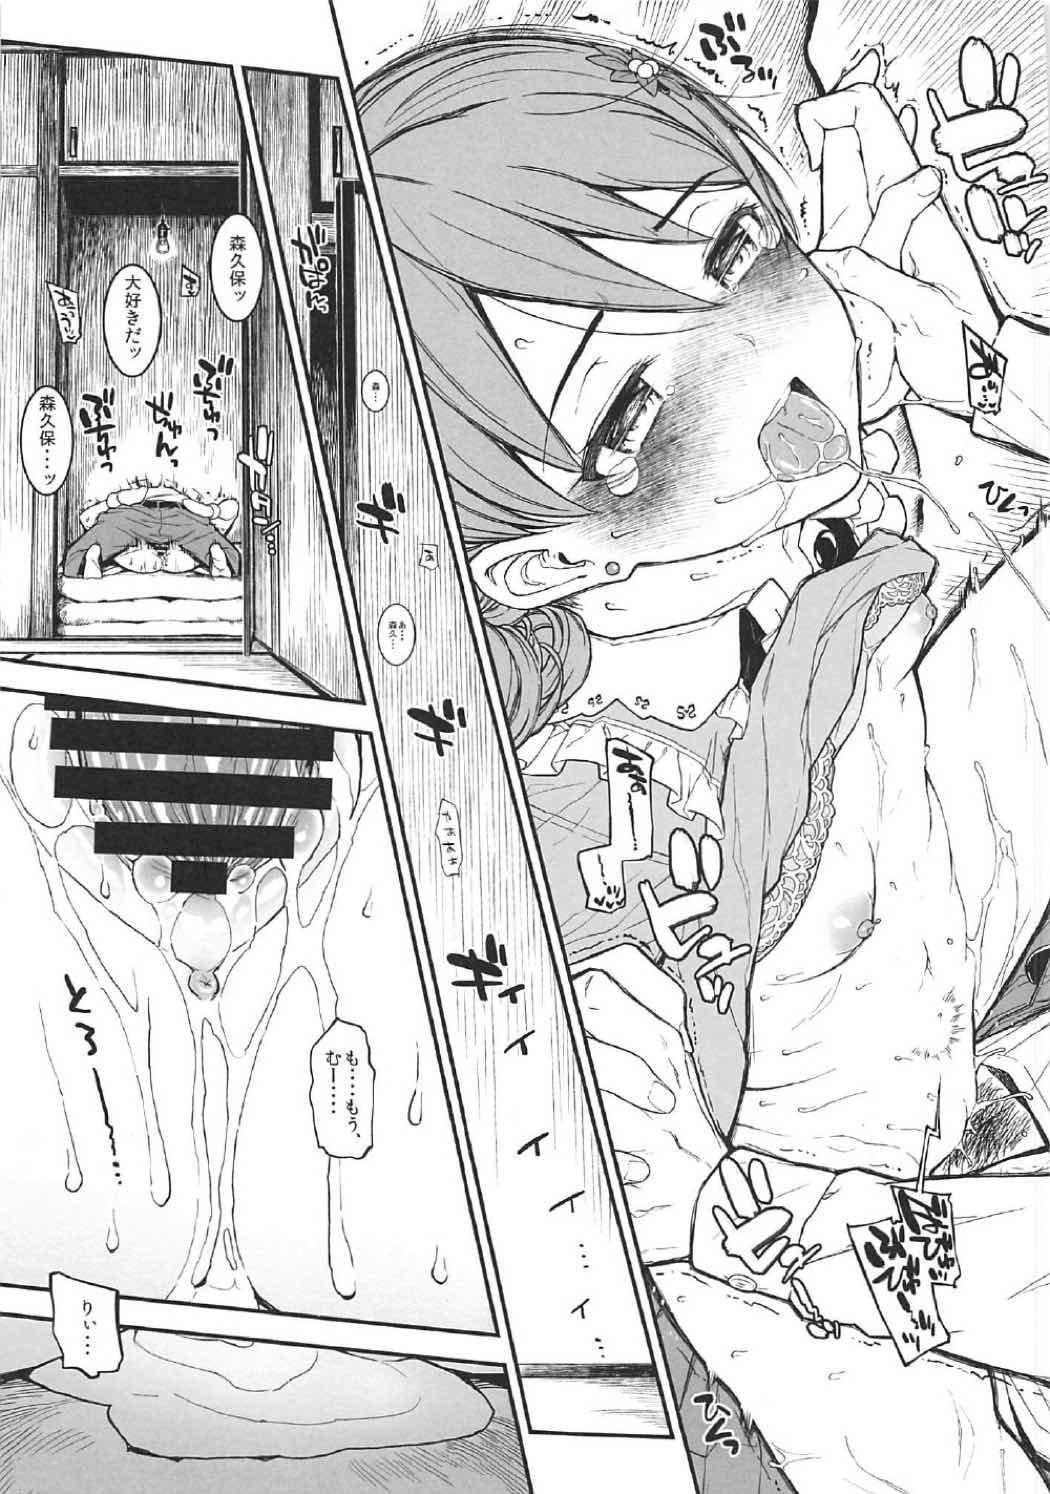 Morikubo to Oshiire de Suru Hon 17